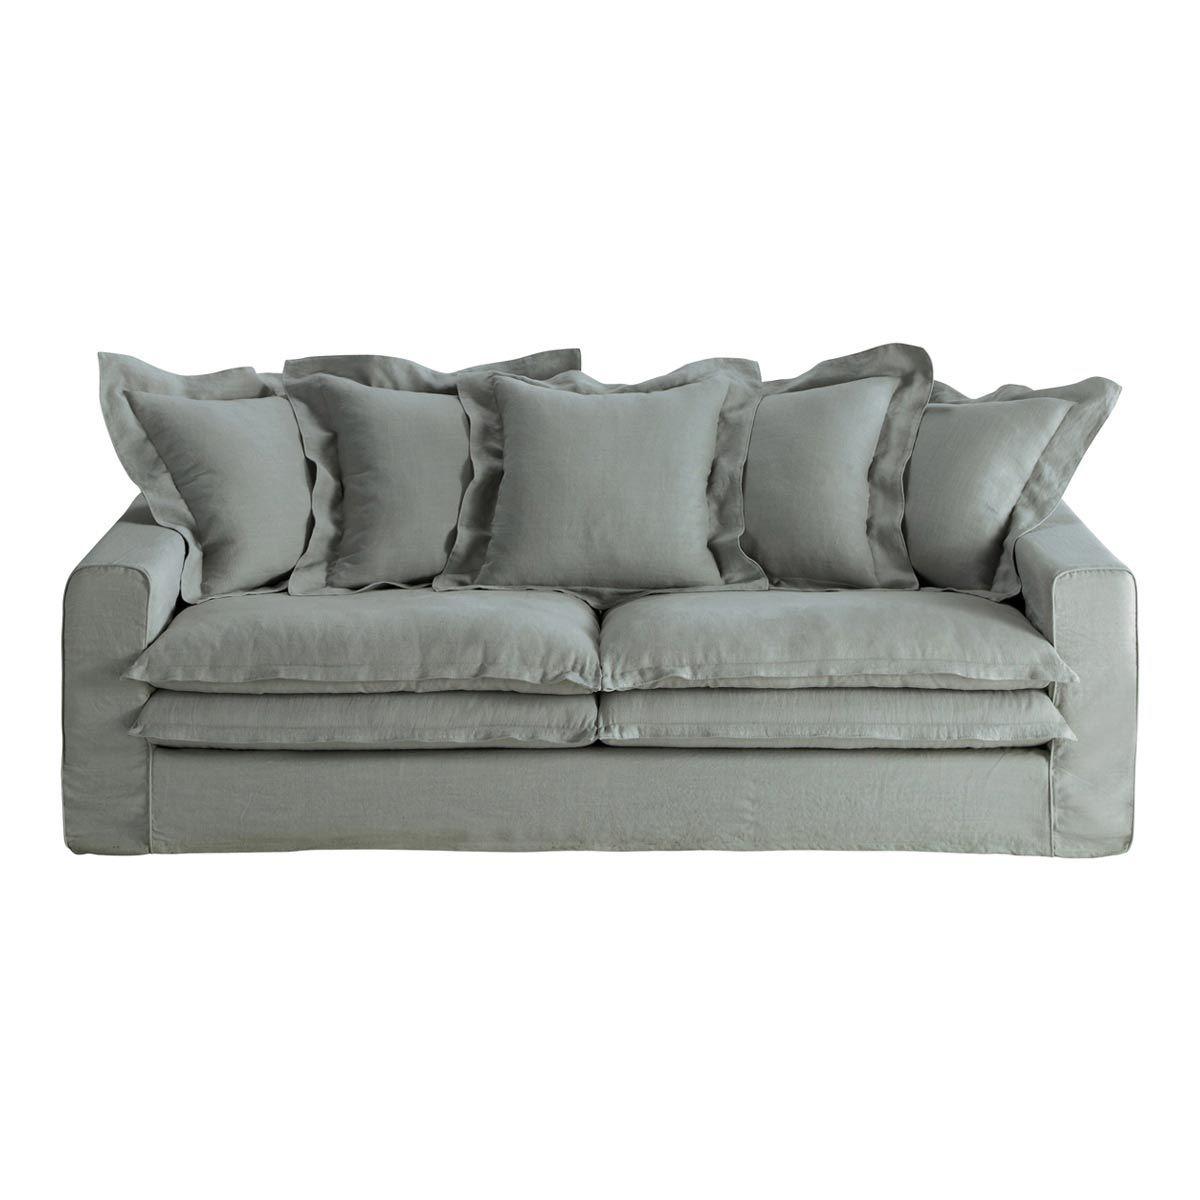 Canapé 3/4 places fixe lin gris clair LISBONNE   Dans ma maison ...